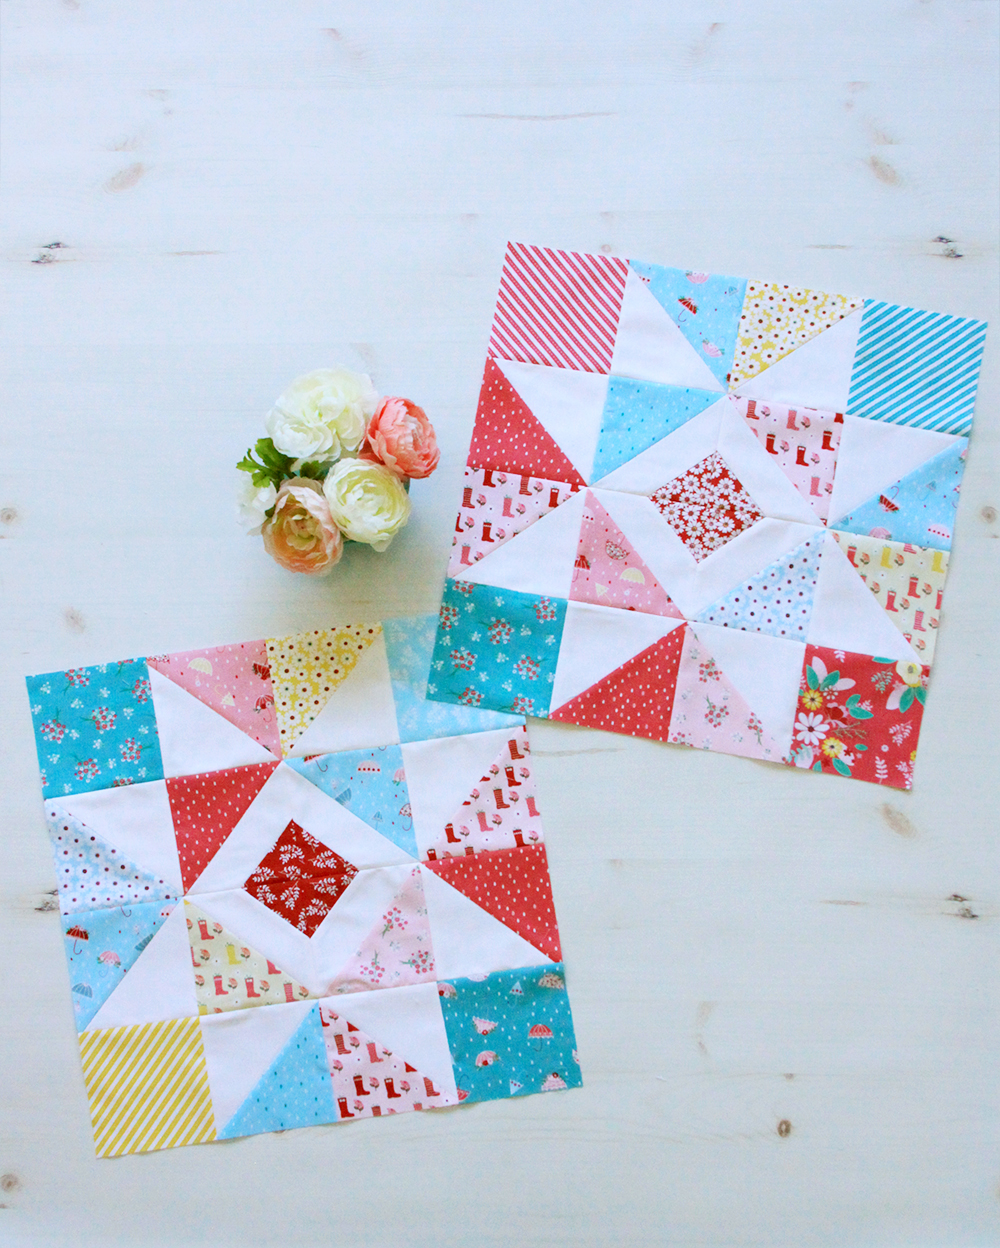 Charming Baby Sampler Quilt Blocks